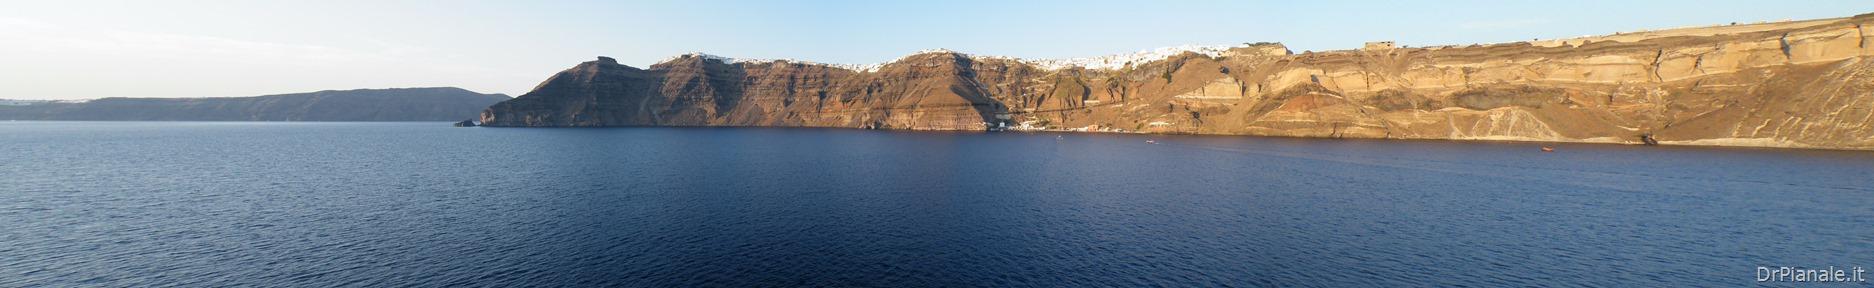 2013_0907_Santorini_0278